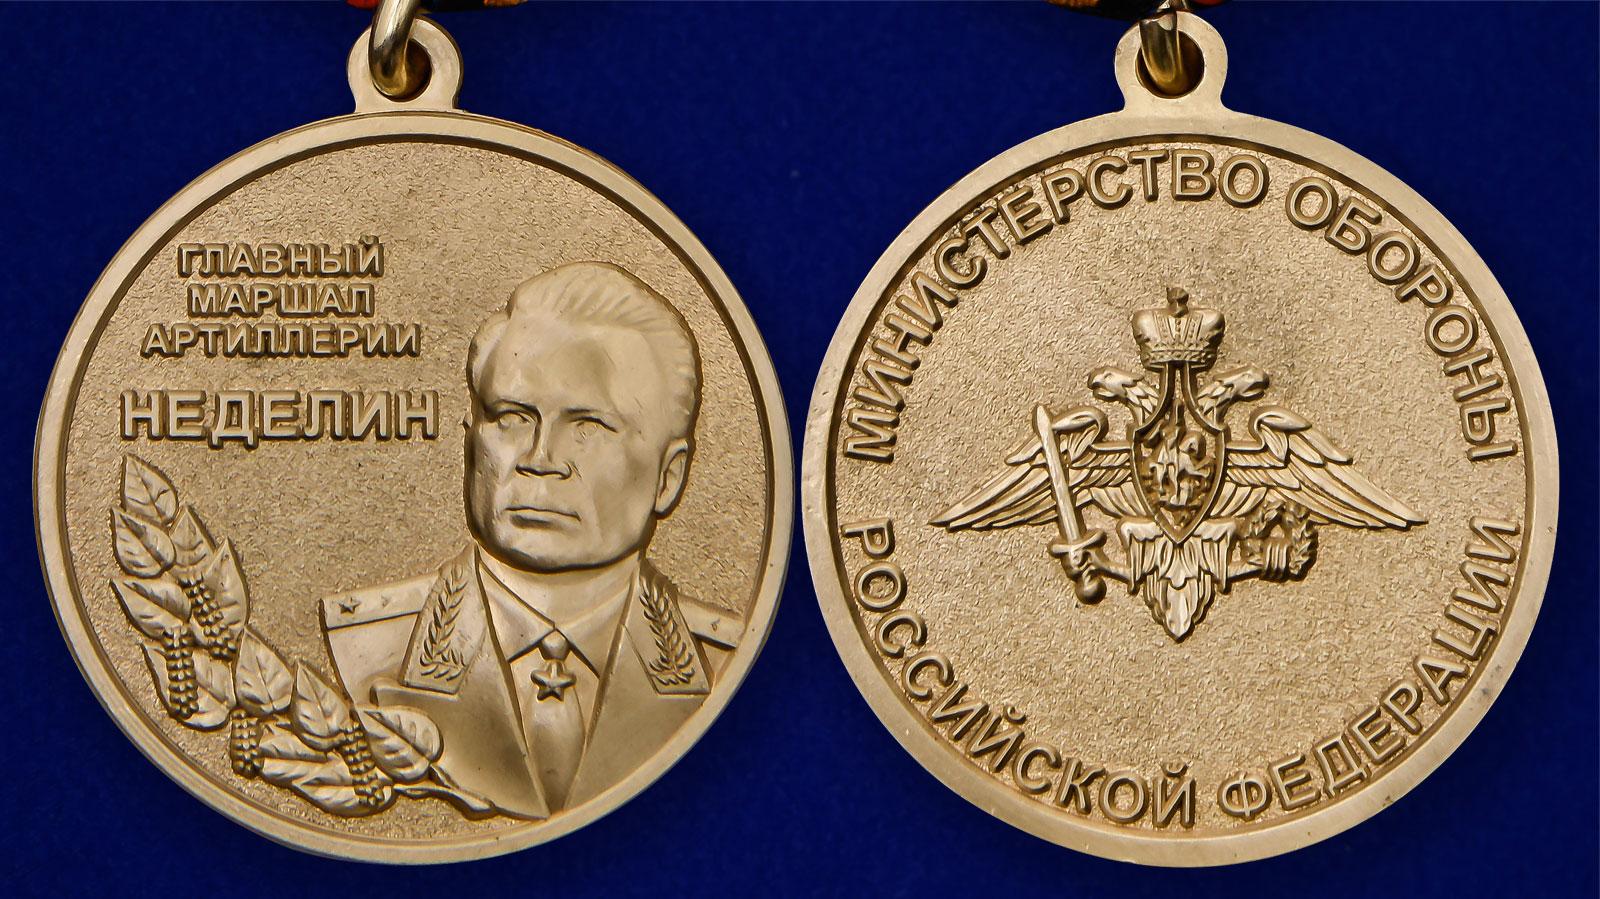 Латунная медаль Главный маршал артиллерии Неделин - аверс и реверс